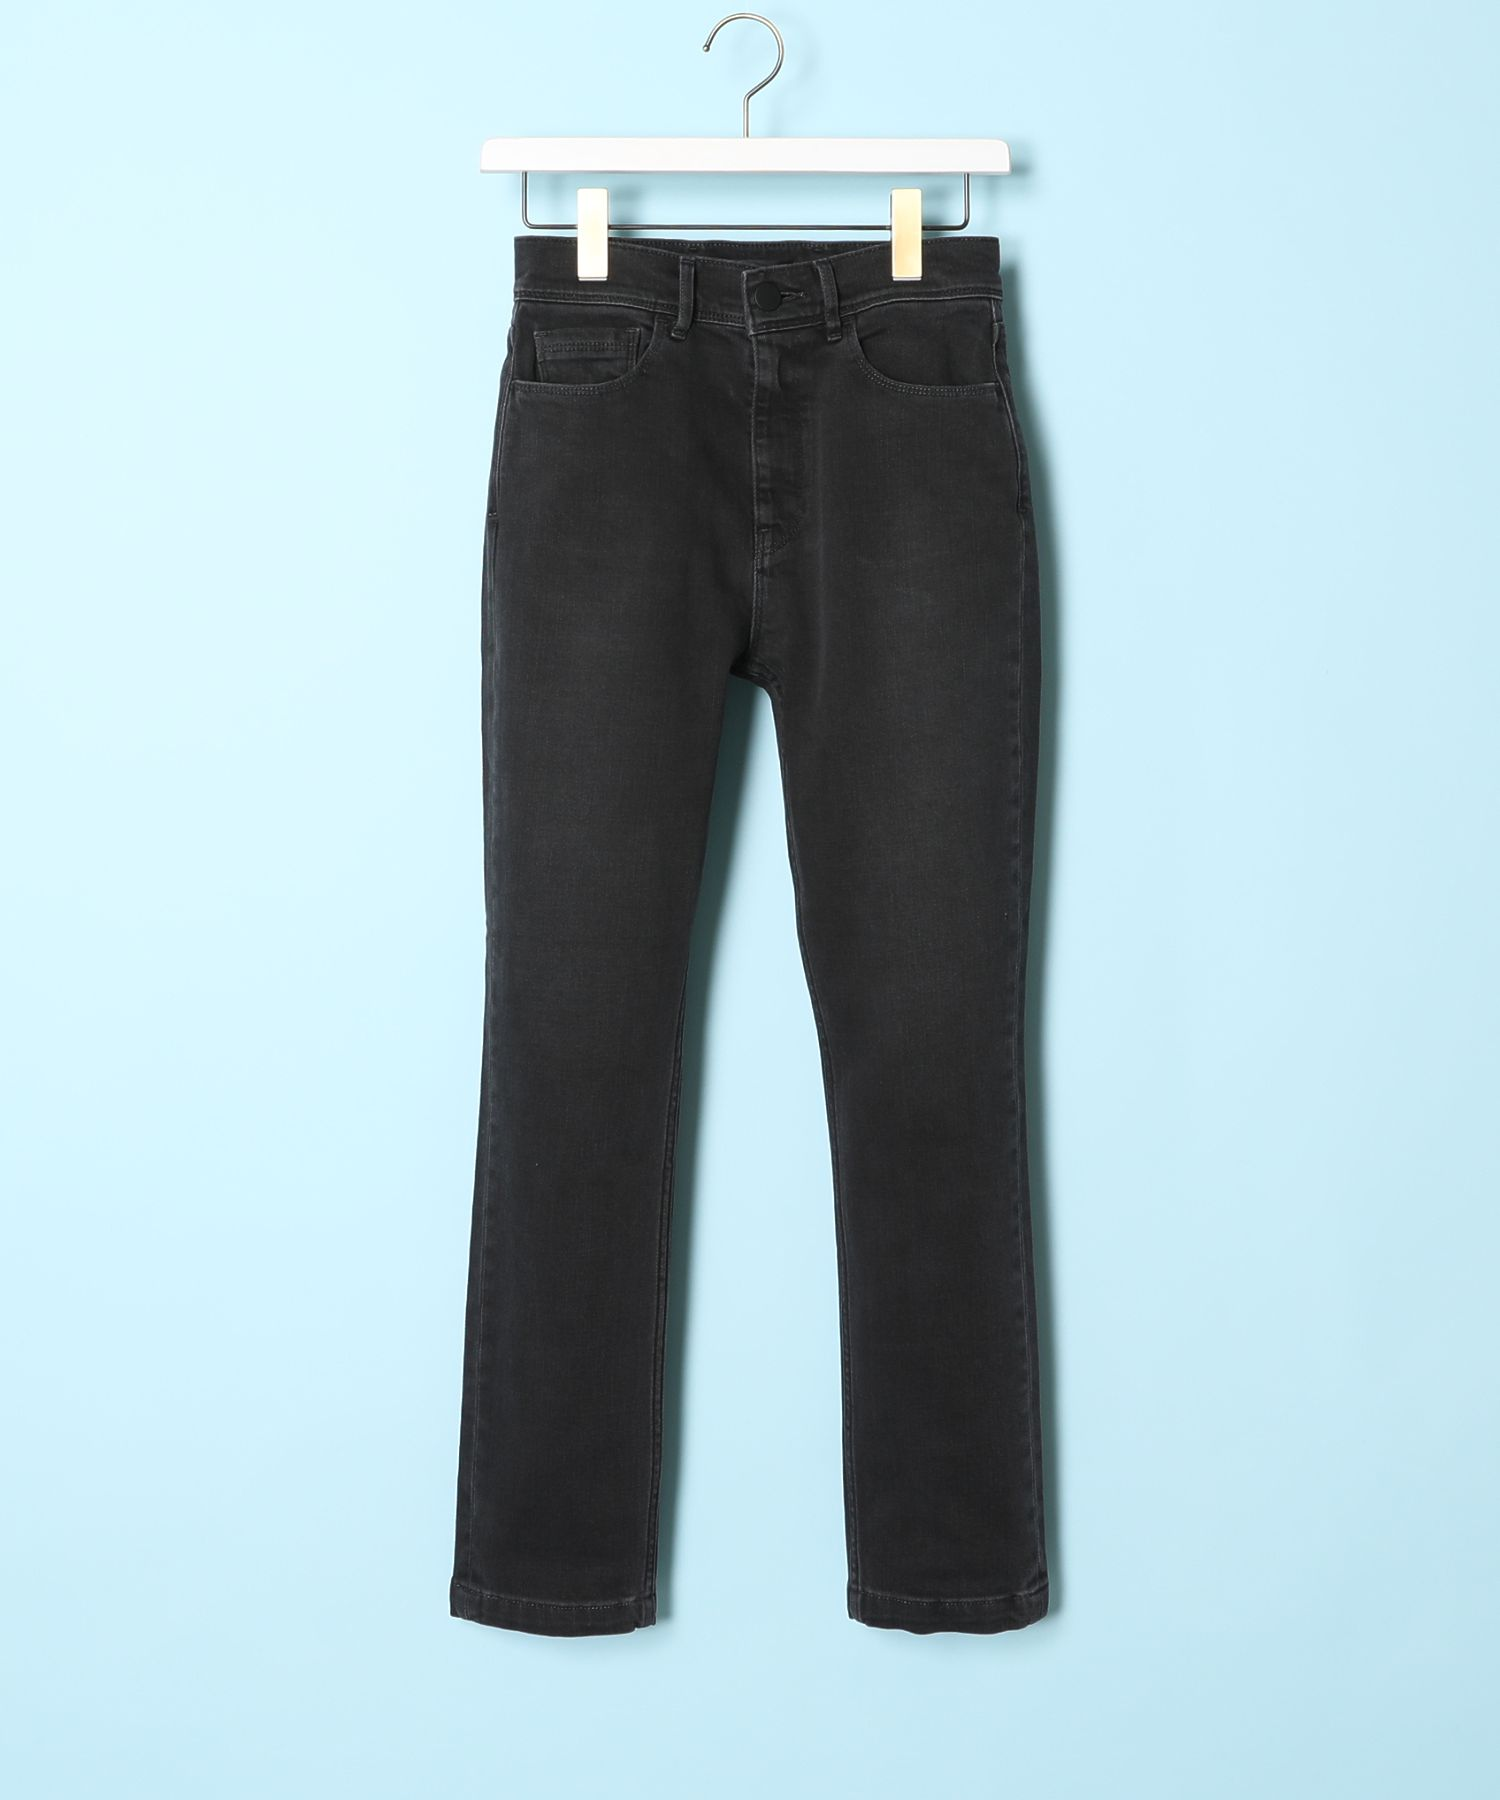 THE BLACK ザブラック / CAT スリムフィットジーンズ Slim Fit Jeans